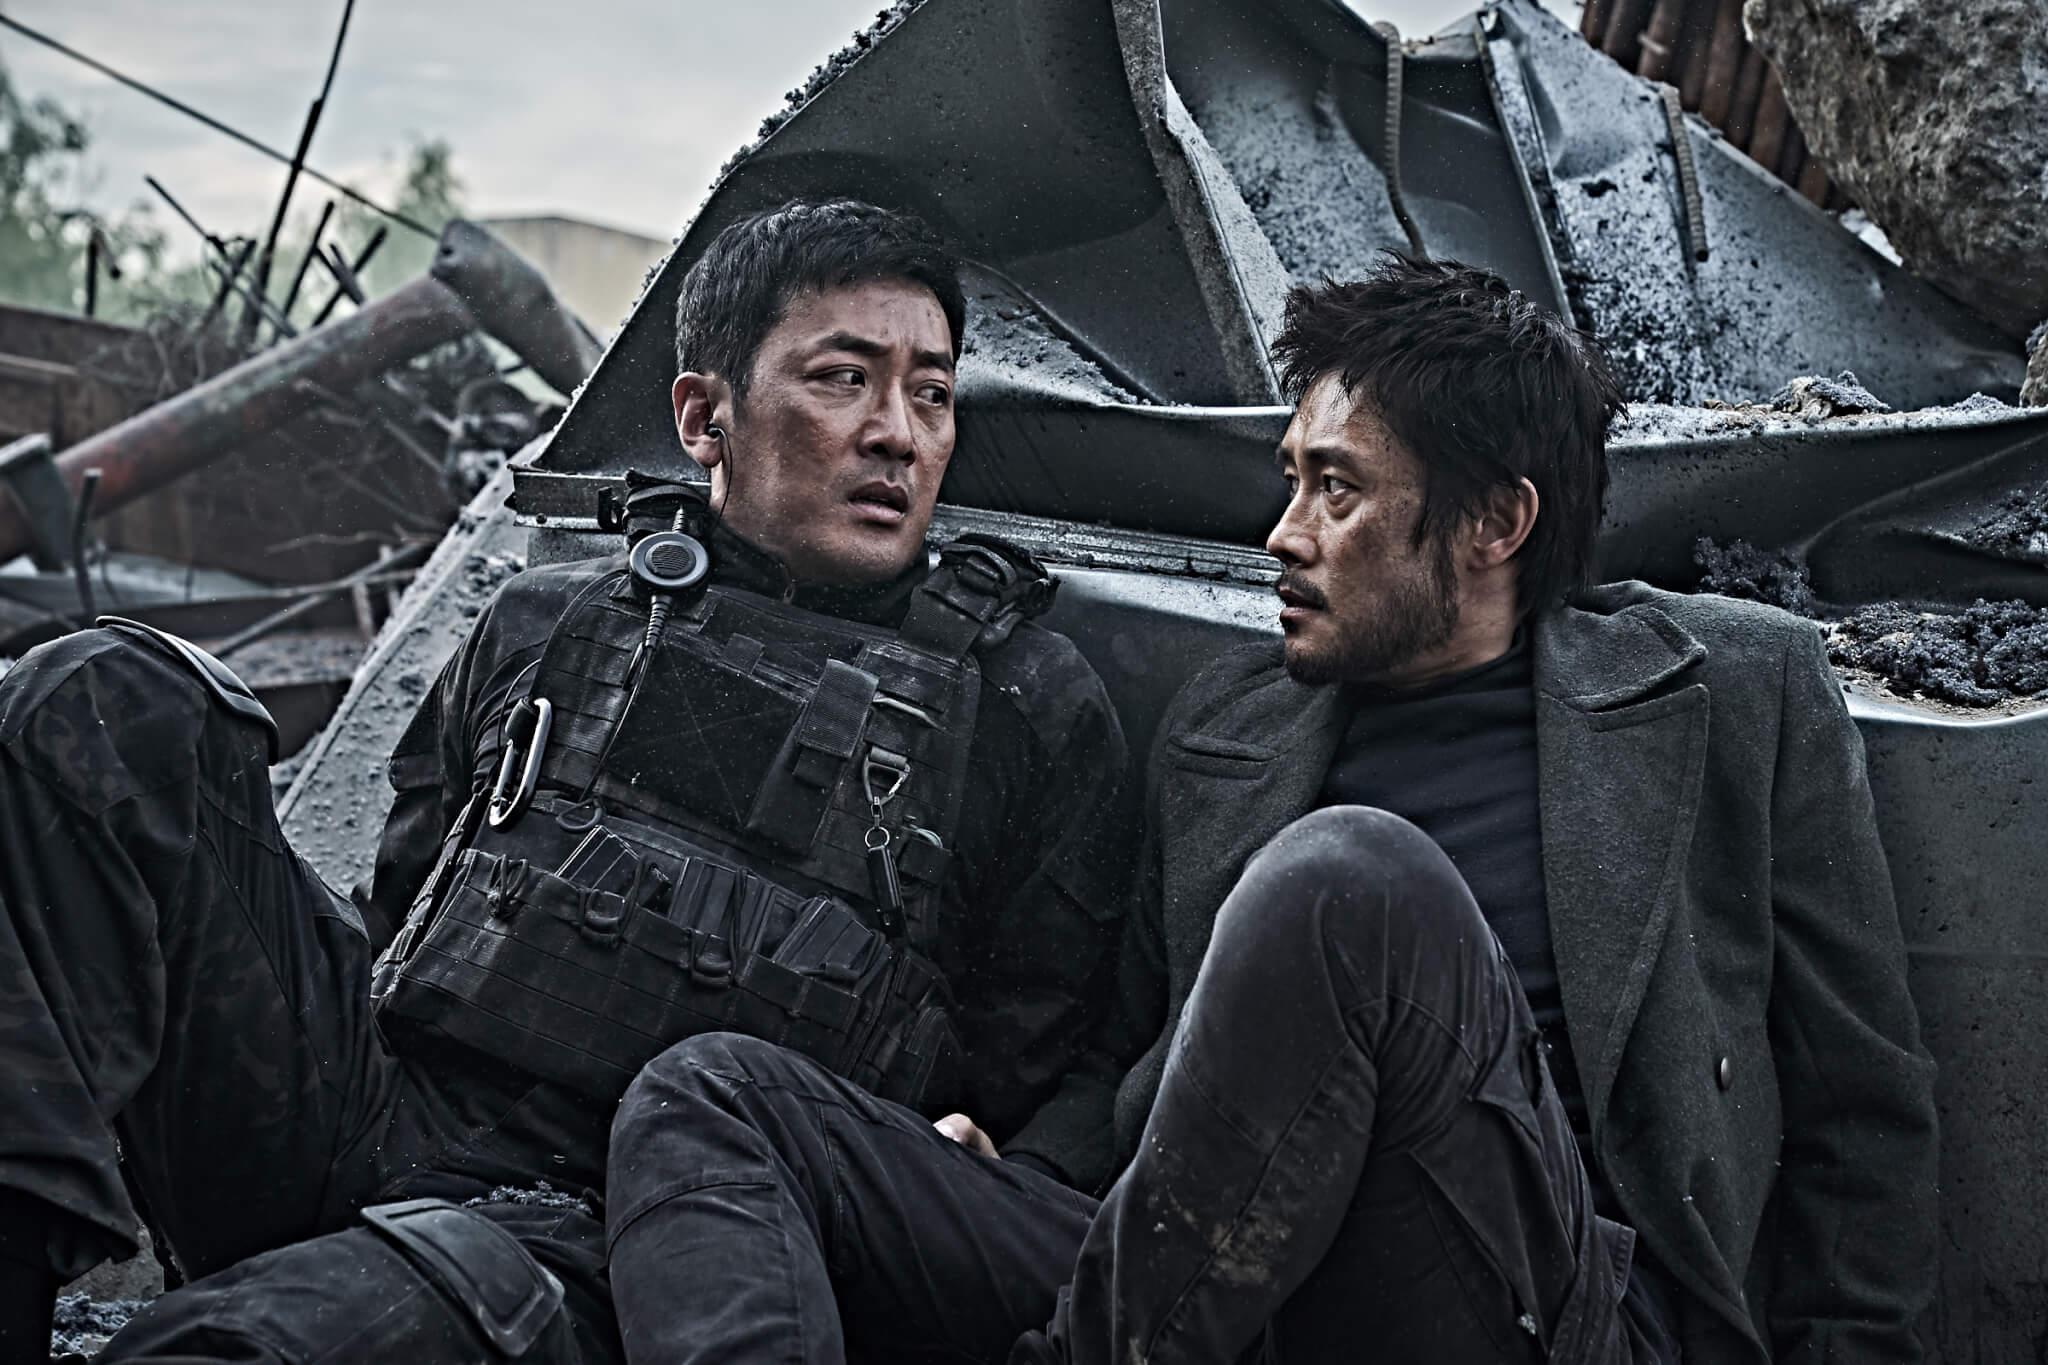 《白頭山:火山浩劫》即將上映,金導坦言對電影的期待值很高。